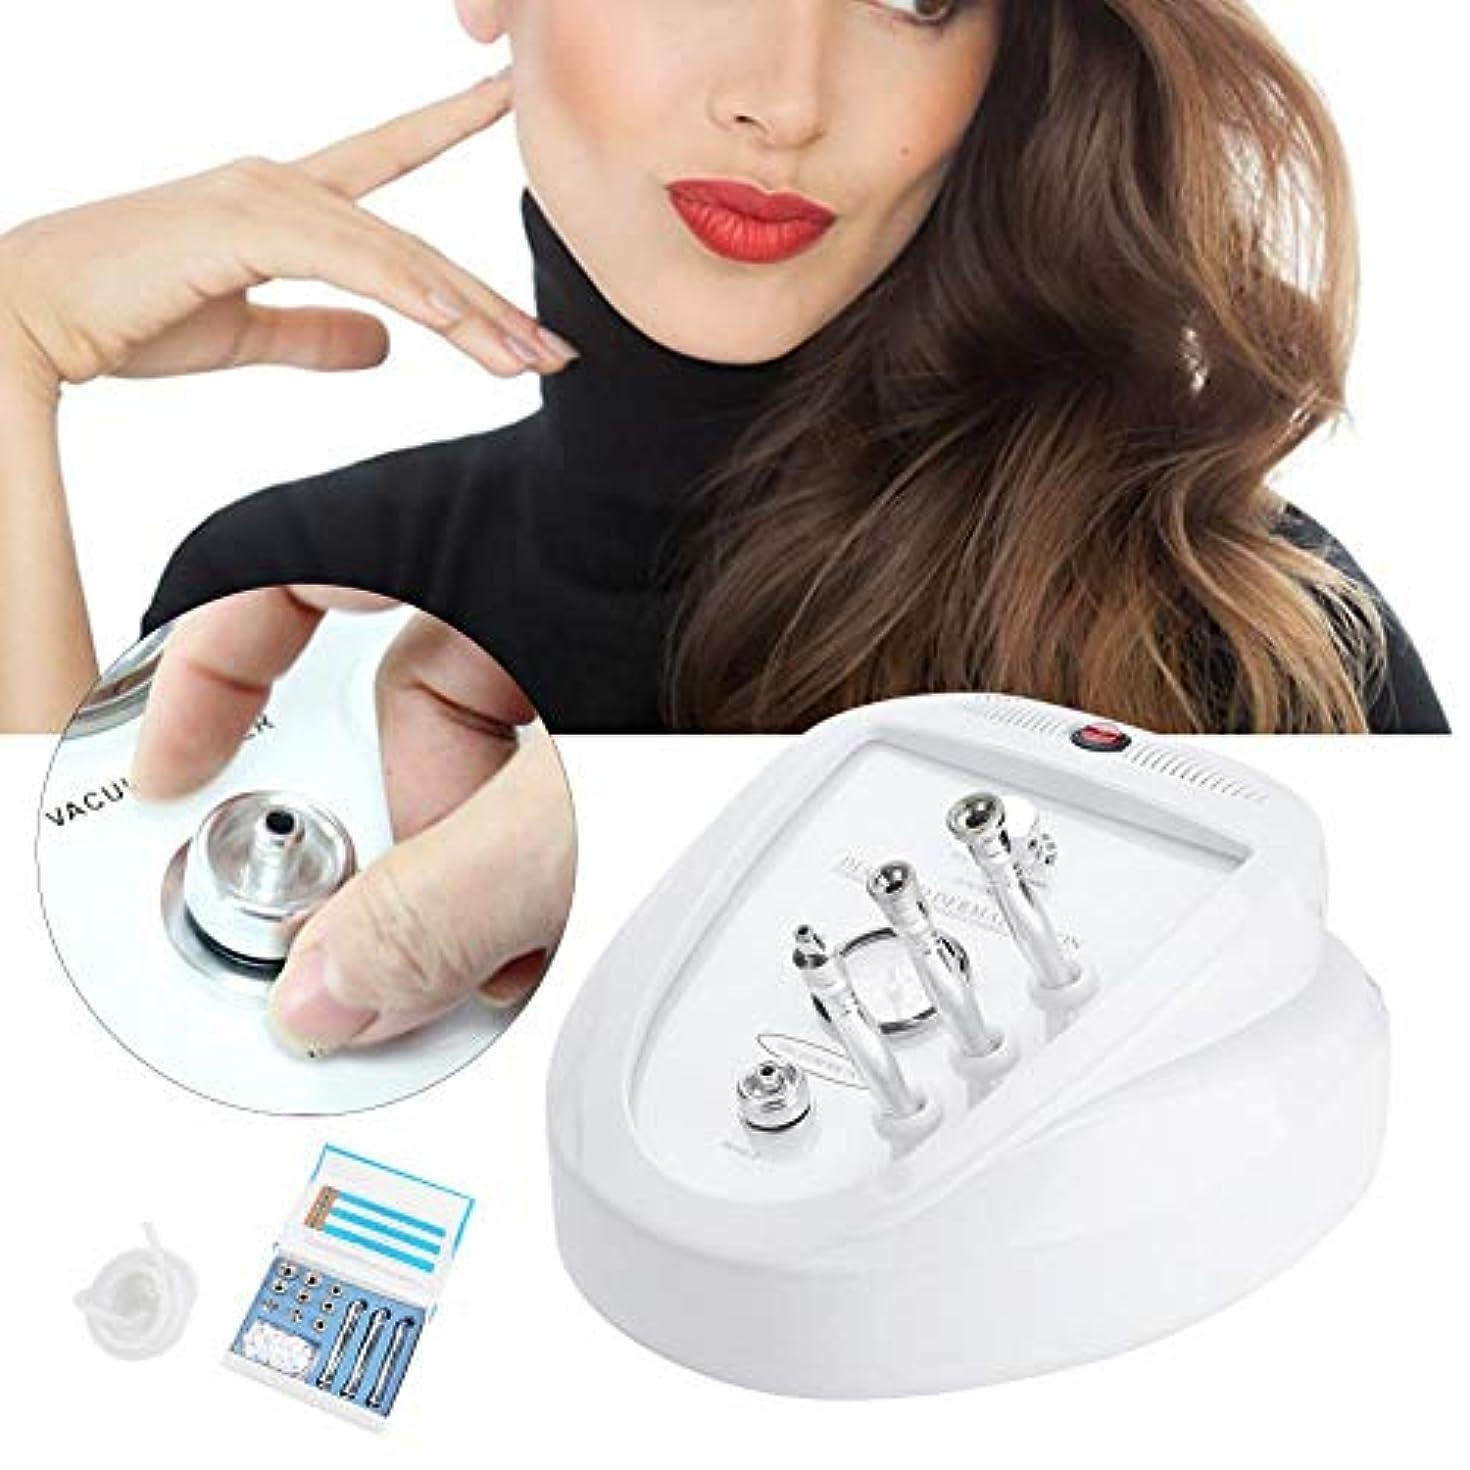 ポルトガル語テンポ珍しい3 in 1ダイヤモンド皮膚剥離機、肌の若返り装置、フェイスリフティングマイクロマッサージエクスフォリエーター用プロのサロン&家庭用ディープクレンジングホワイトニングスキンピーリングシワ削除